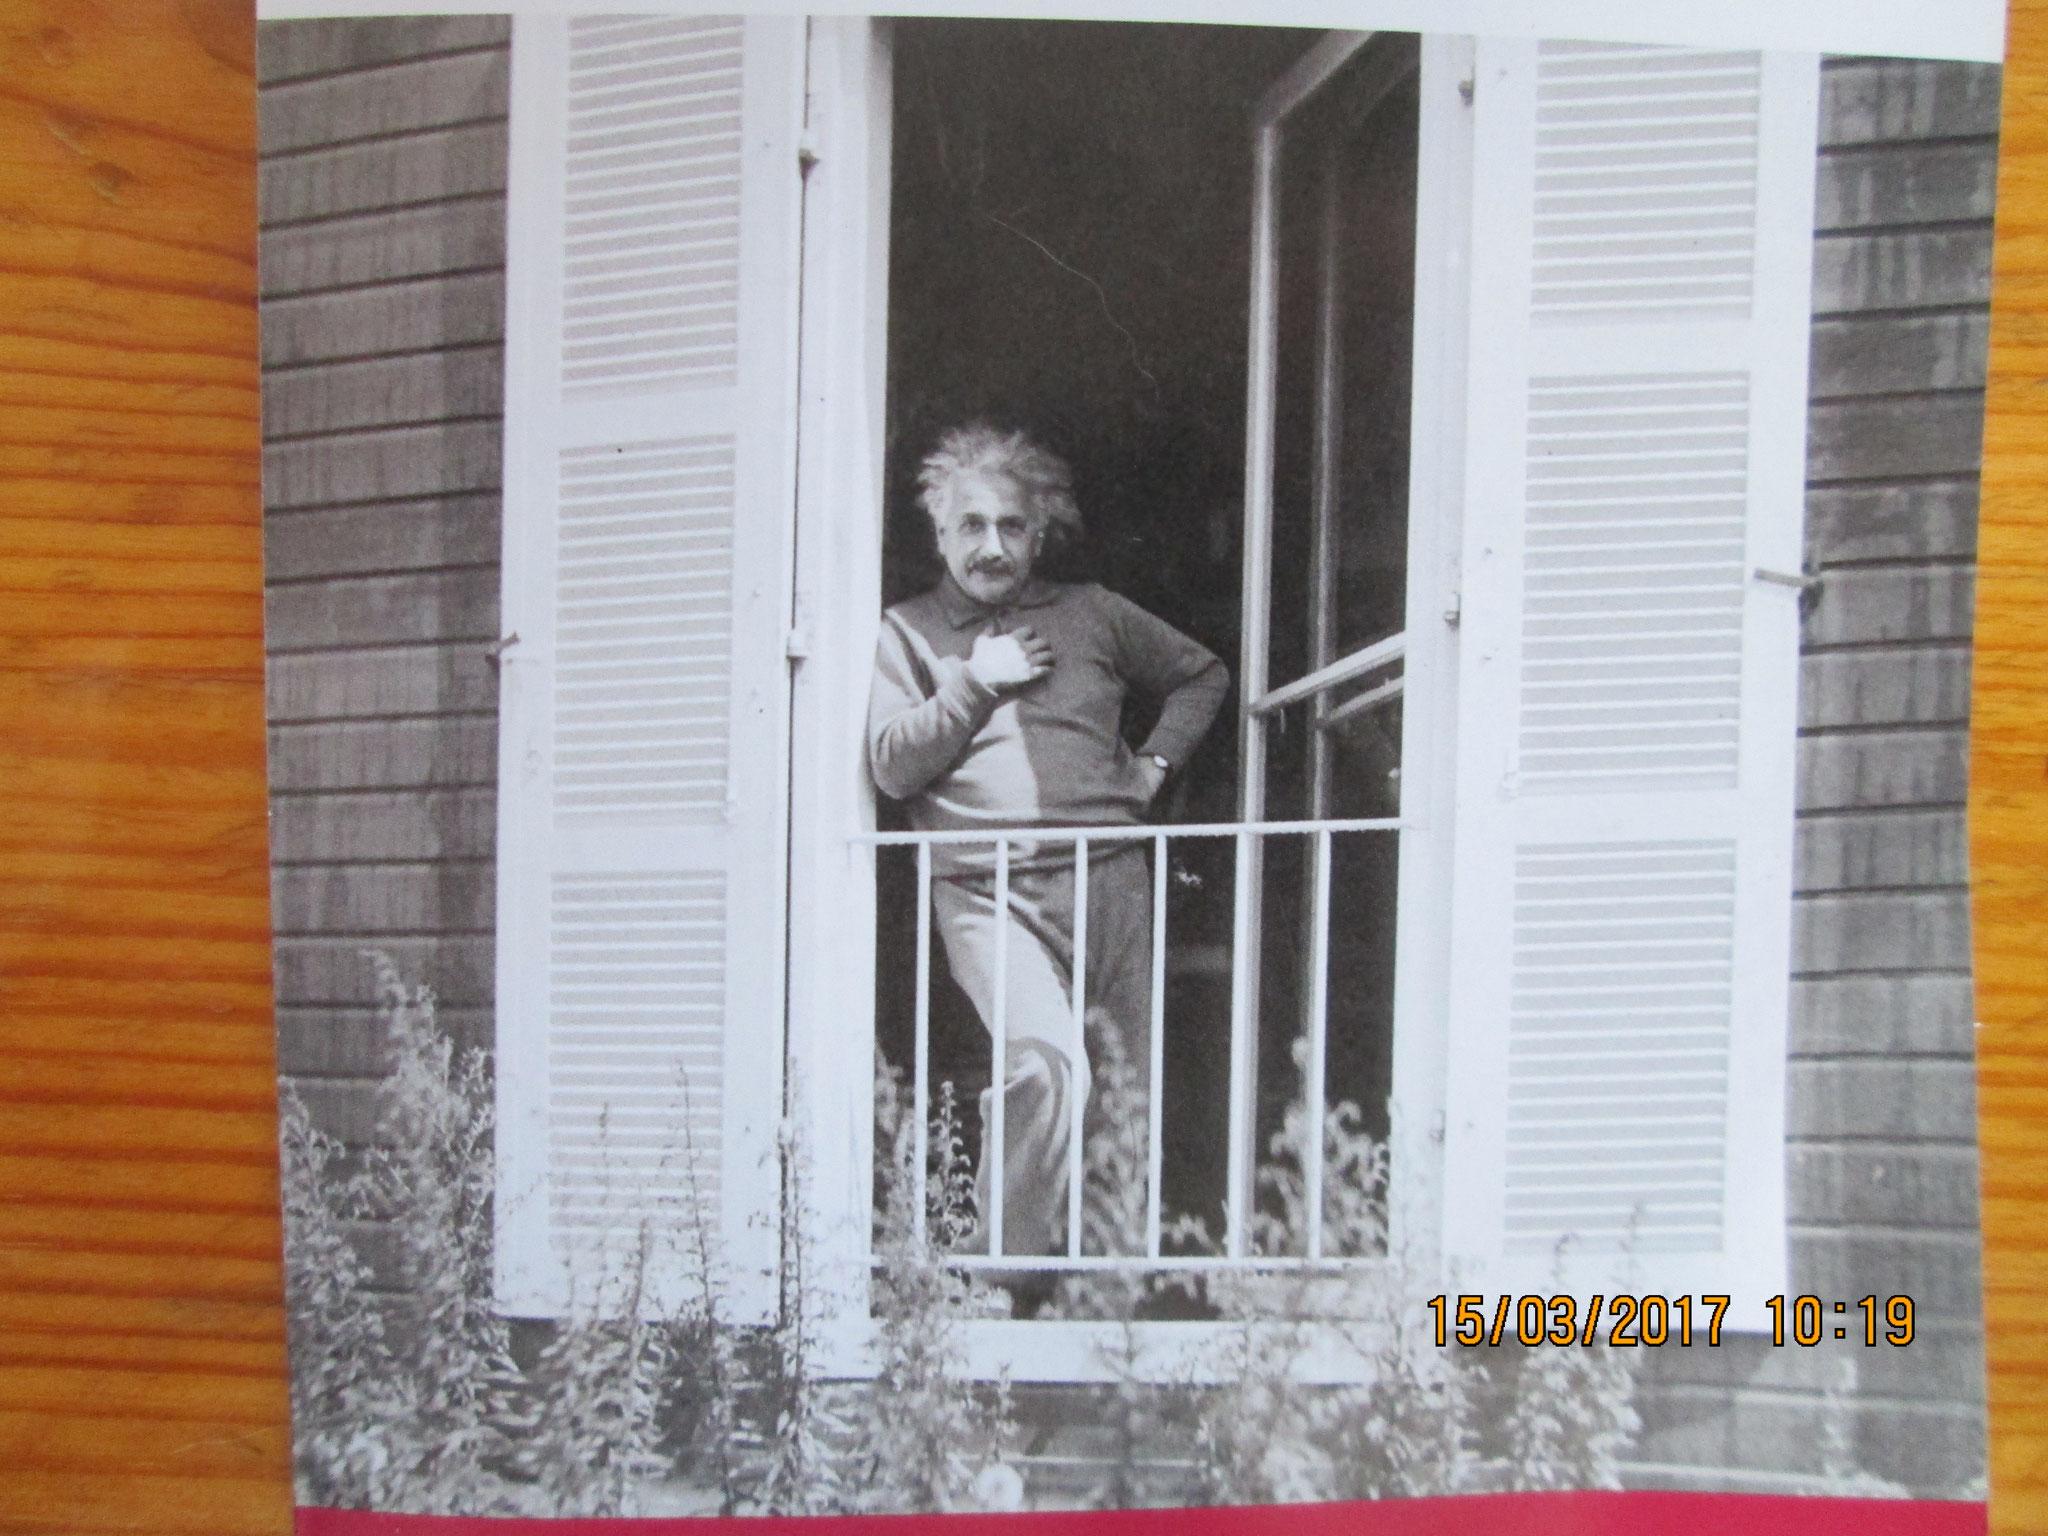 Herr Einstein höchstselbst am Fenster